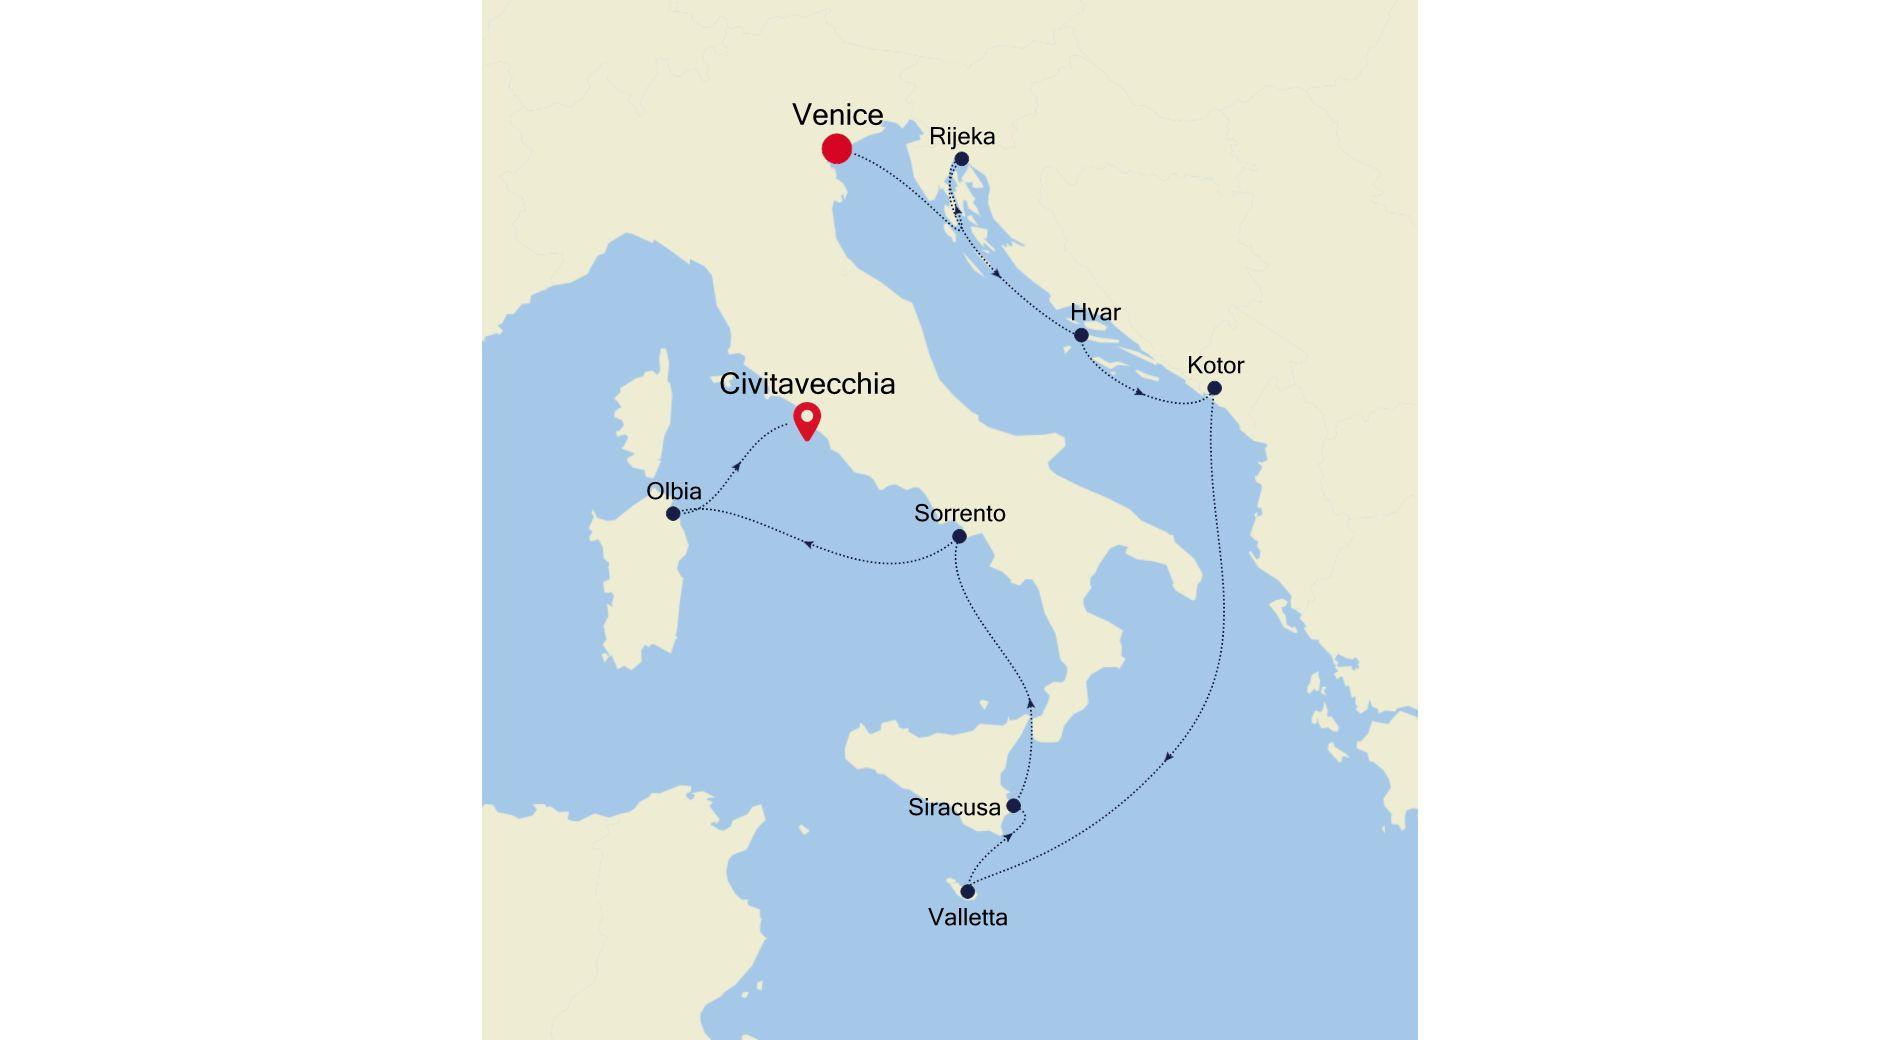 SS200821010 - Venice à Civitavecchia